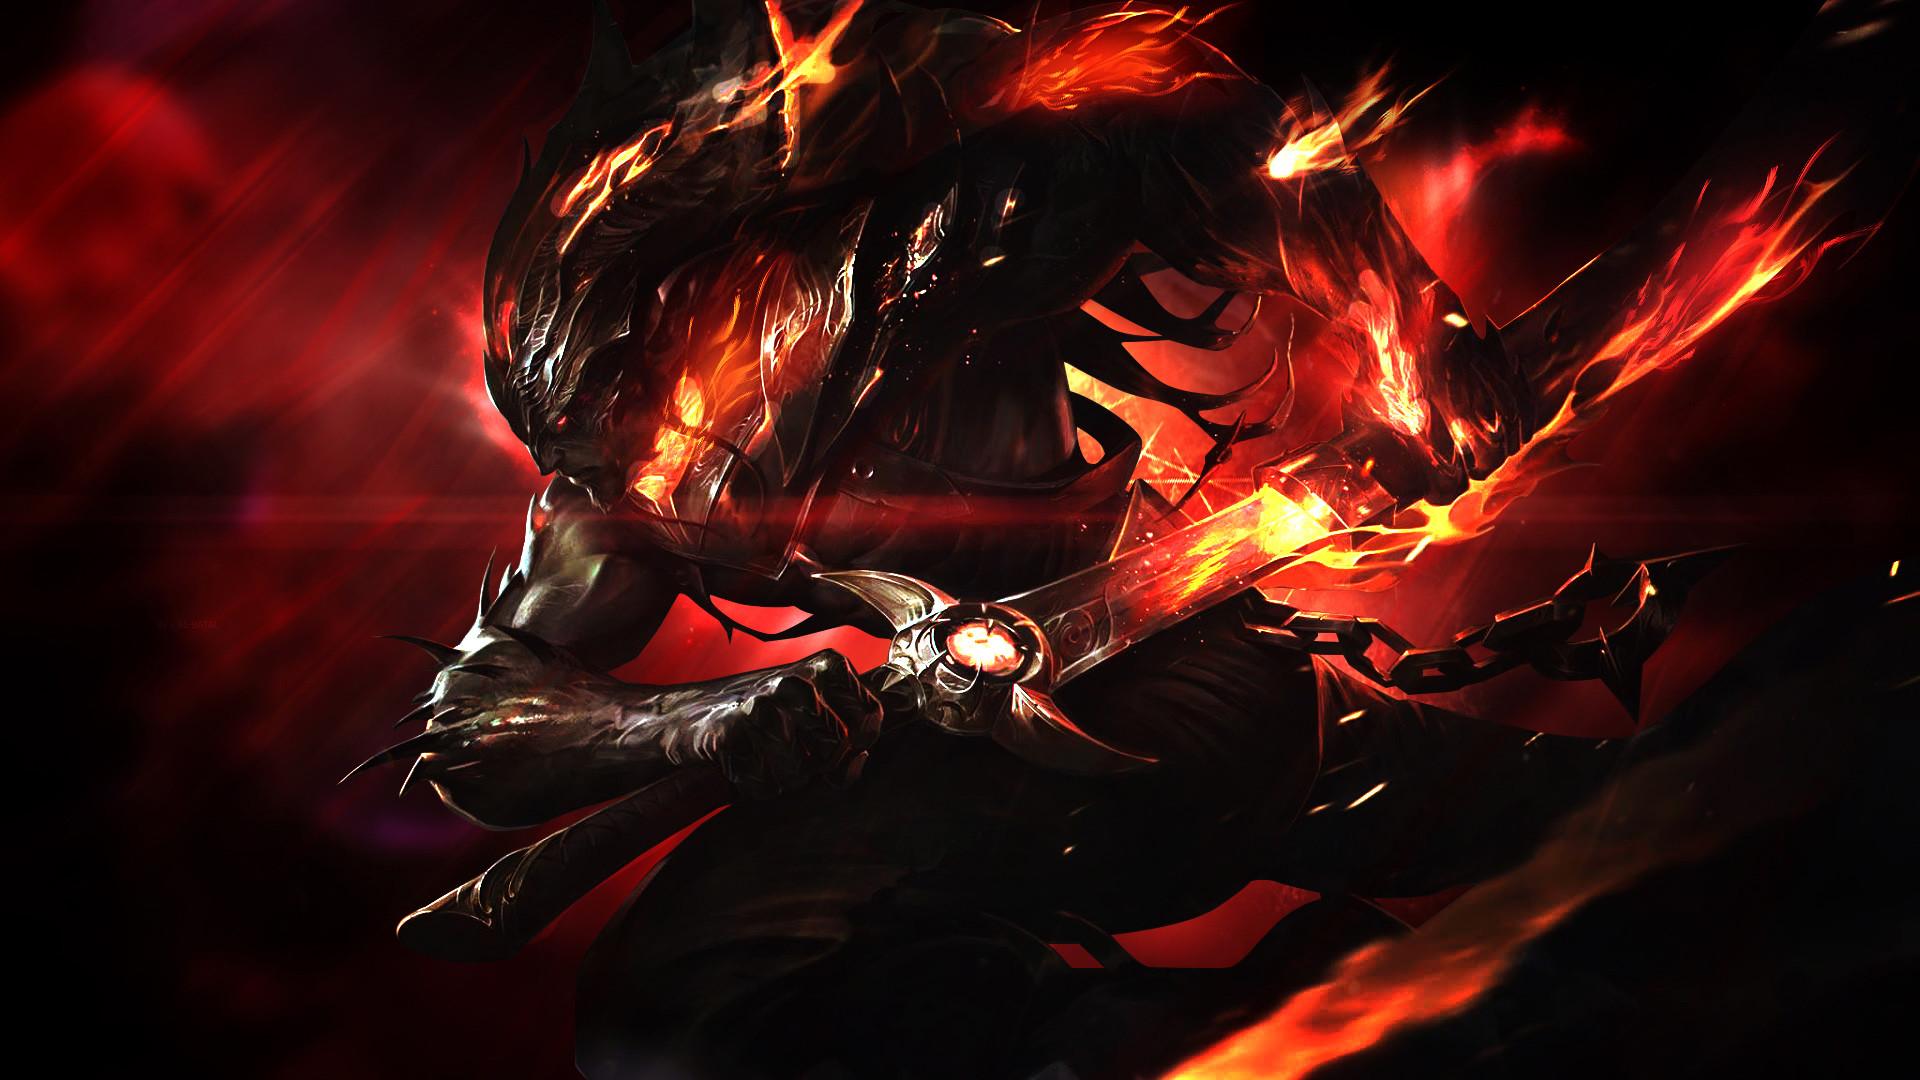 Nightbringer Yasuo by Mr-Booker HD Wallpaper Background Fan Art Artwork  League of Legends lol